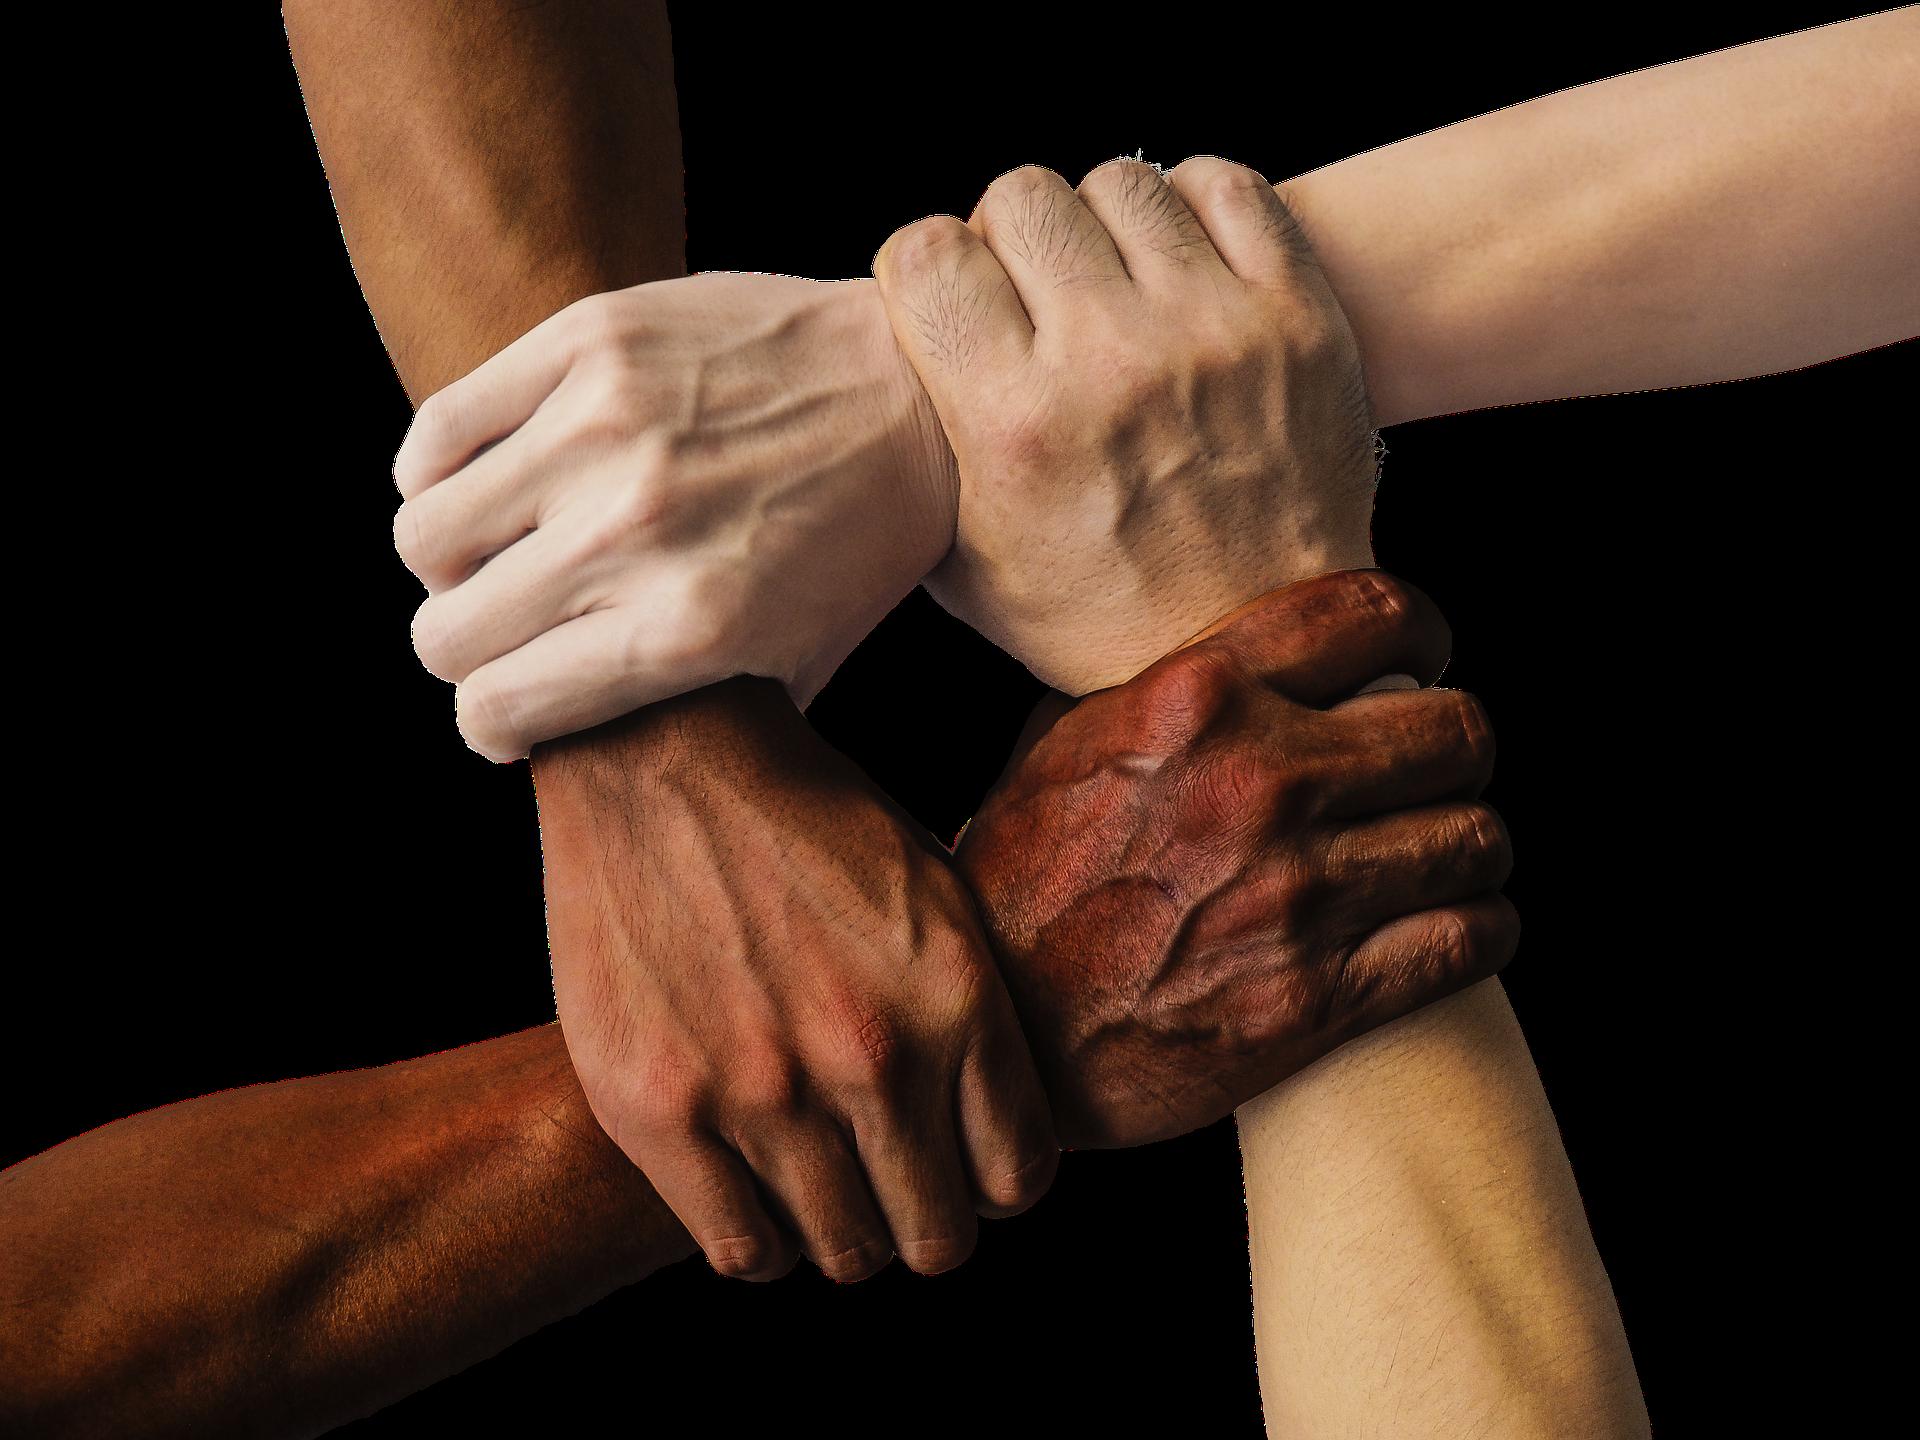 vier, sich fassende Hände